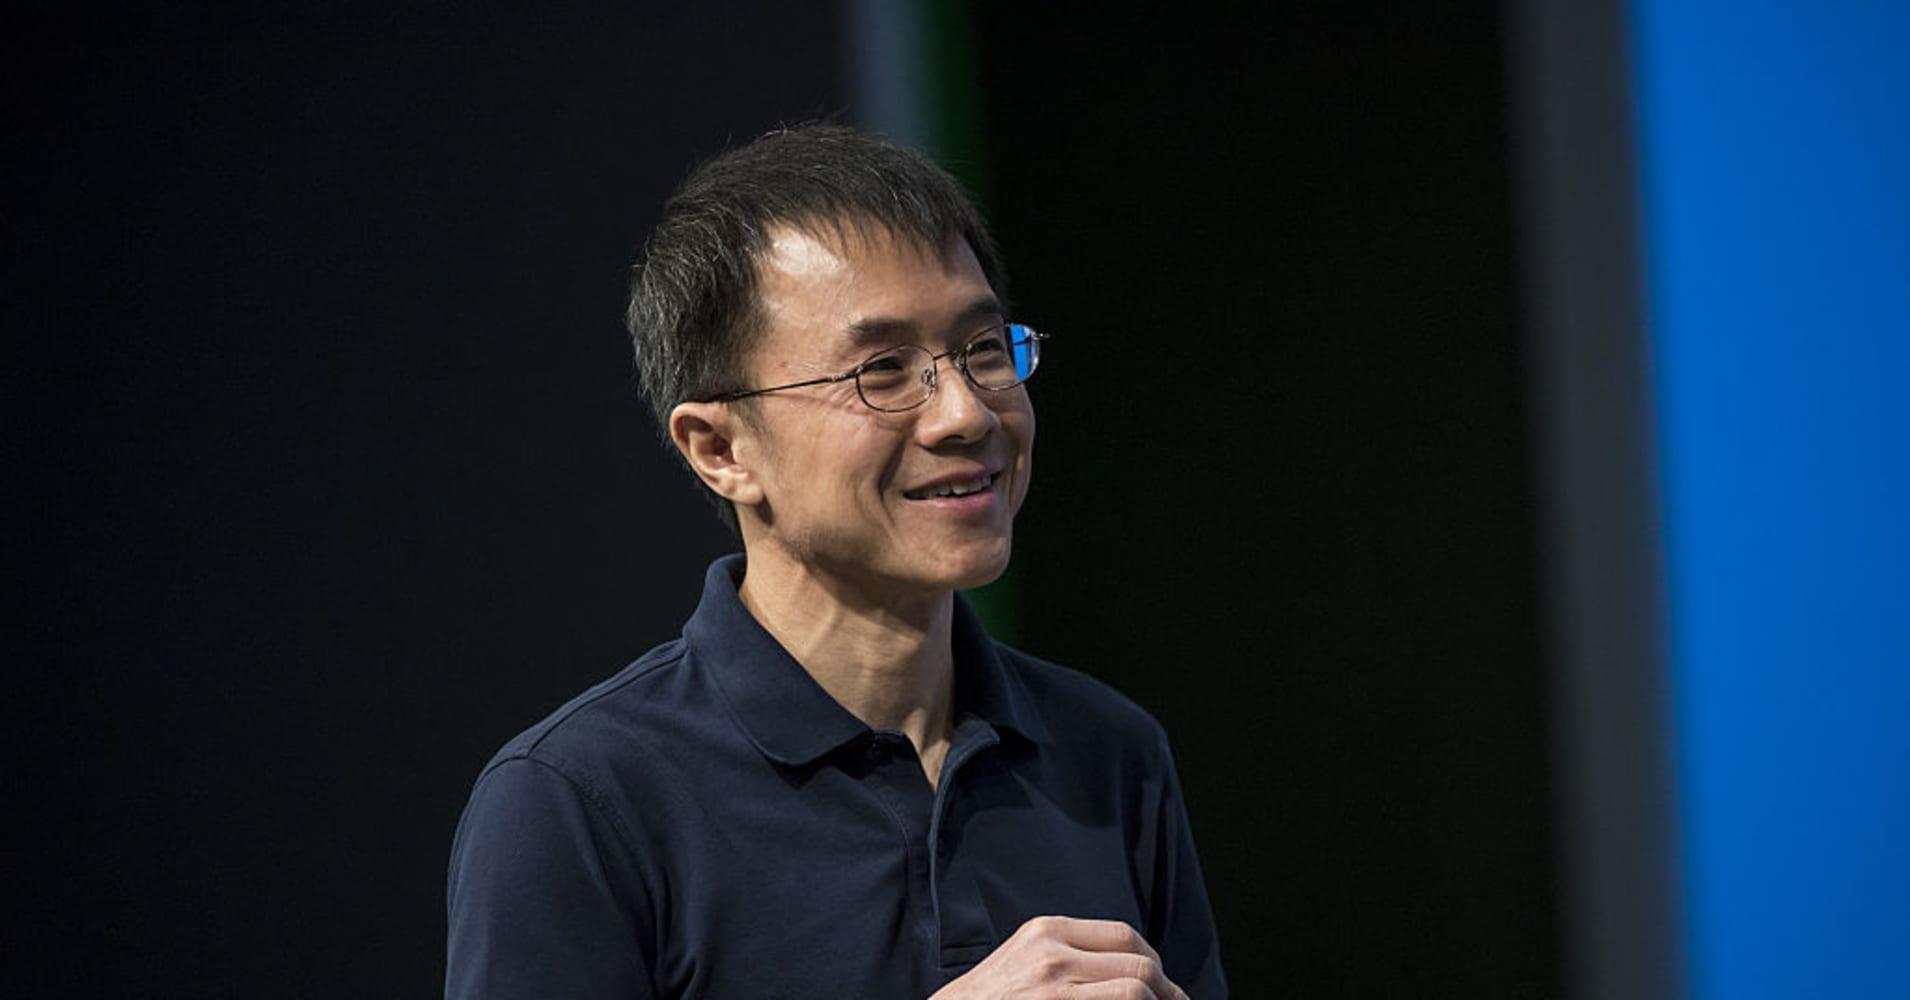 Y Combinator establecerá el brazo de China con el ex director ejecutivo de operaciones de Baidu, Qi Lu, como director general